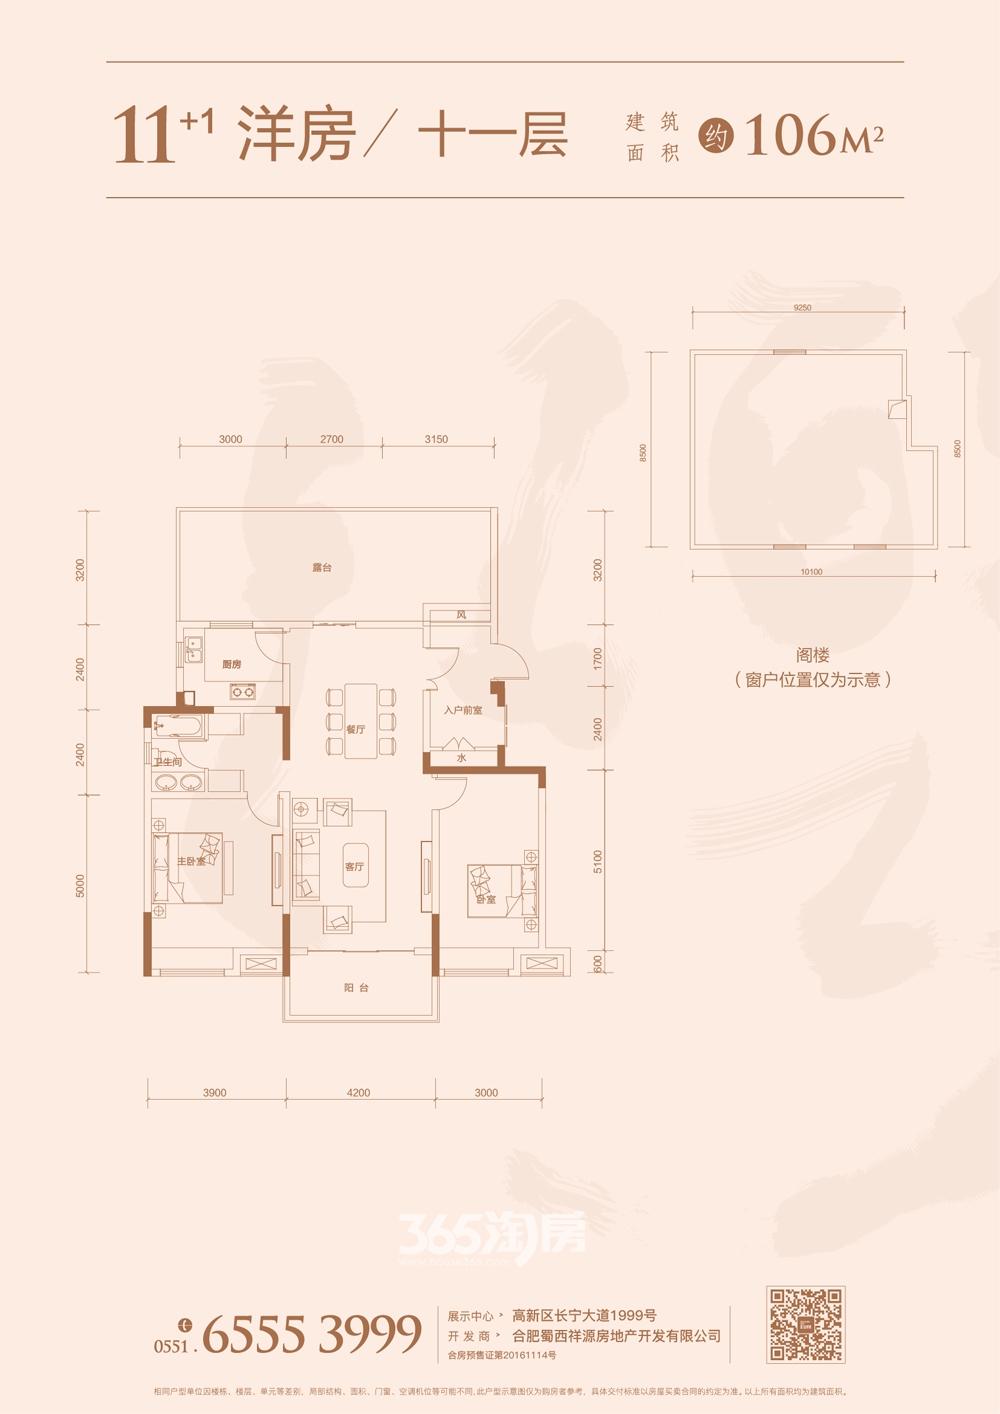 祥源金港湾11+1洋房十一层户型图